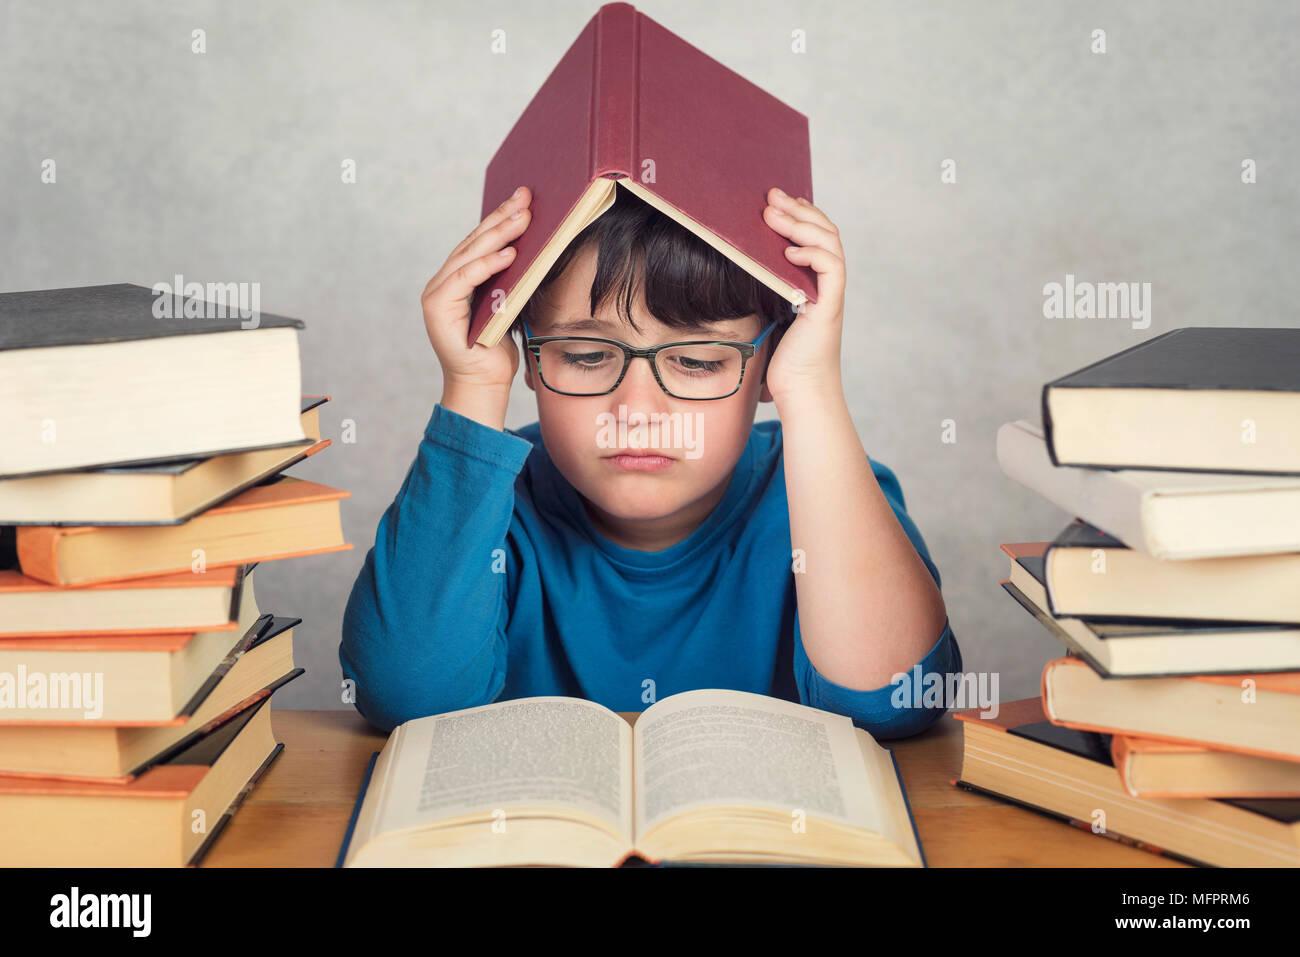 Triste et pensive boy avec des livres sur une table Photo Stock